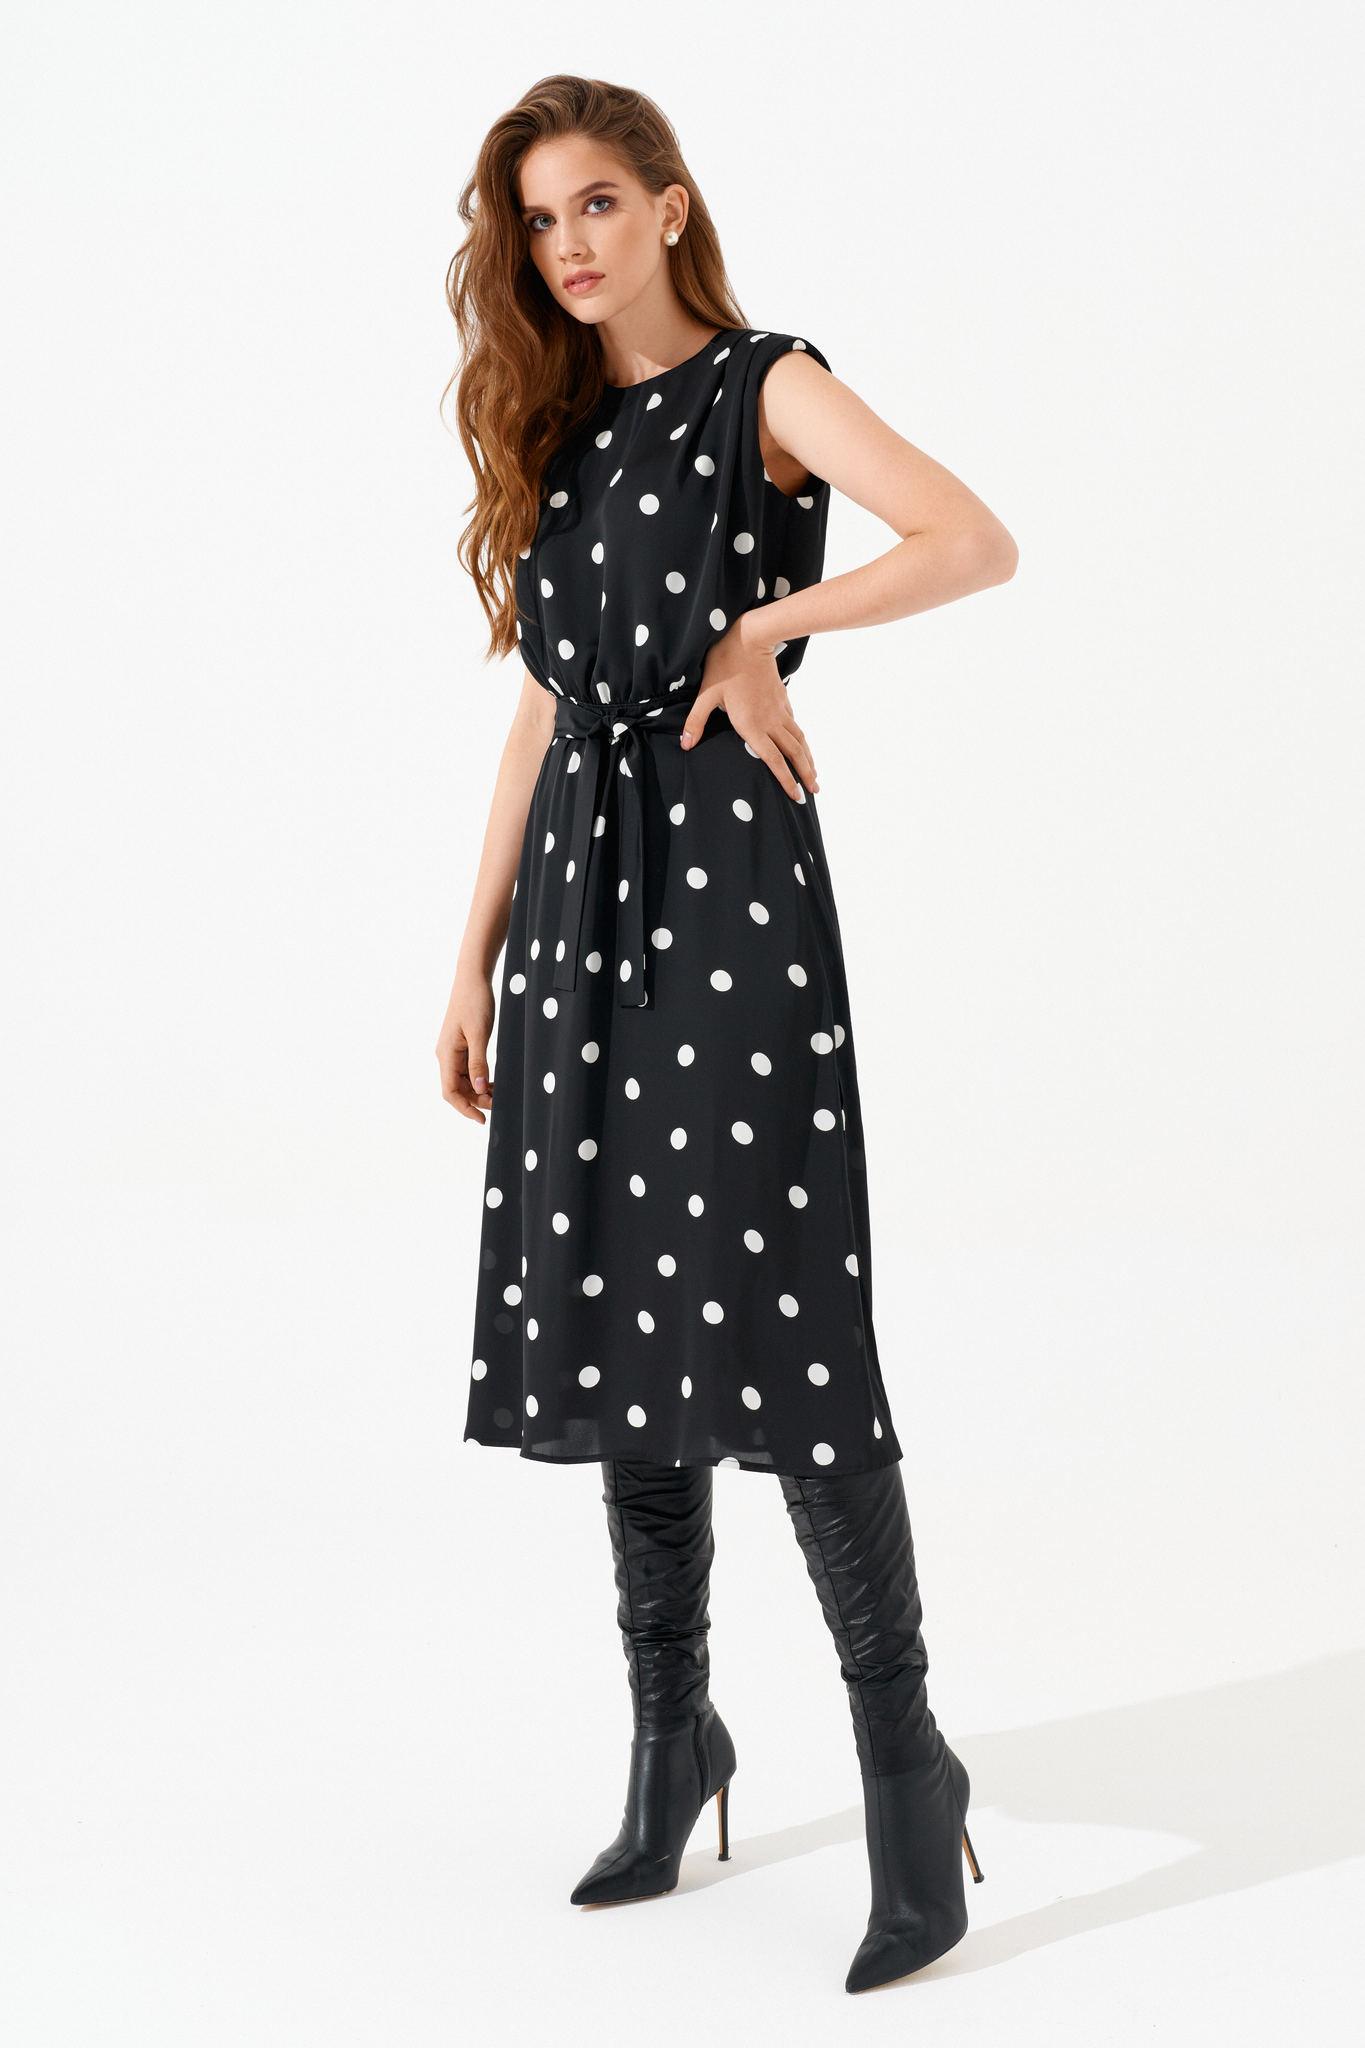 Полуприлегающее платье без рукавов